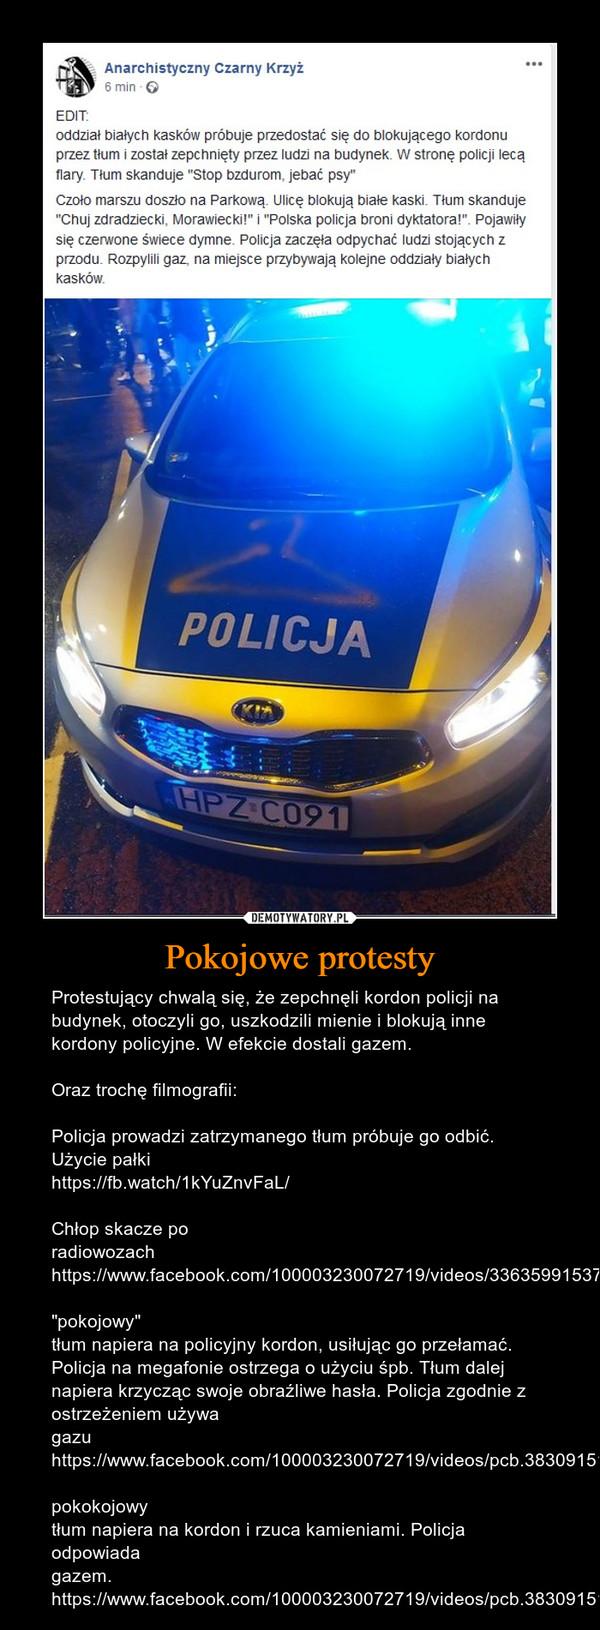 """Pokojowe protesty – Protestujący chwalą się, że zepchnęli kordon policji na budynek, otoczyli go, uszkodzili mienie i blokują inne kordony policyjne. W efekcie dostali gazem.Oraz trochę filmografii:Policja prowadzi zatrzymanego tłum próbuje go odbić. Użycie pałkihttps://fb.watch/1kYuZnvFaL/Chłop skacze po radiowozachhttps://www.facebook.com/100003230072719/videos/3363599153757721/""""pokojowy"""" tłum napiera na policyjny kordon, usiłując go przełamać. Policja na megafonie ostrzega o użyciu śpb. Tłum dalej napiera krzycząc swoje obraźliwe hasła. Policja zgodnie z ostrzeżeniem używa gazuhttps://www.facebook.com/100003230072719/videos/pcb.3830915160330442/3360453624072274/pokokojowy tłum napiera na kordon i rzuca kamieniami. Policja odpowiada gazem.https://www.facebook.com/100003230072719/videos/pcb.3830915160330442/3360453757405594/"""